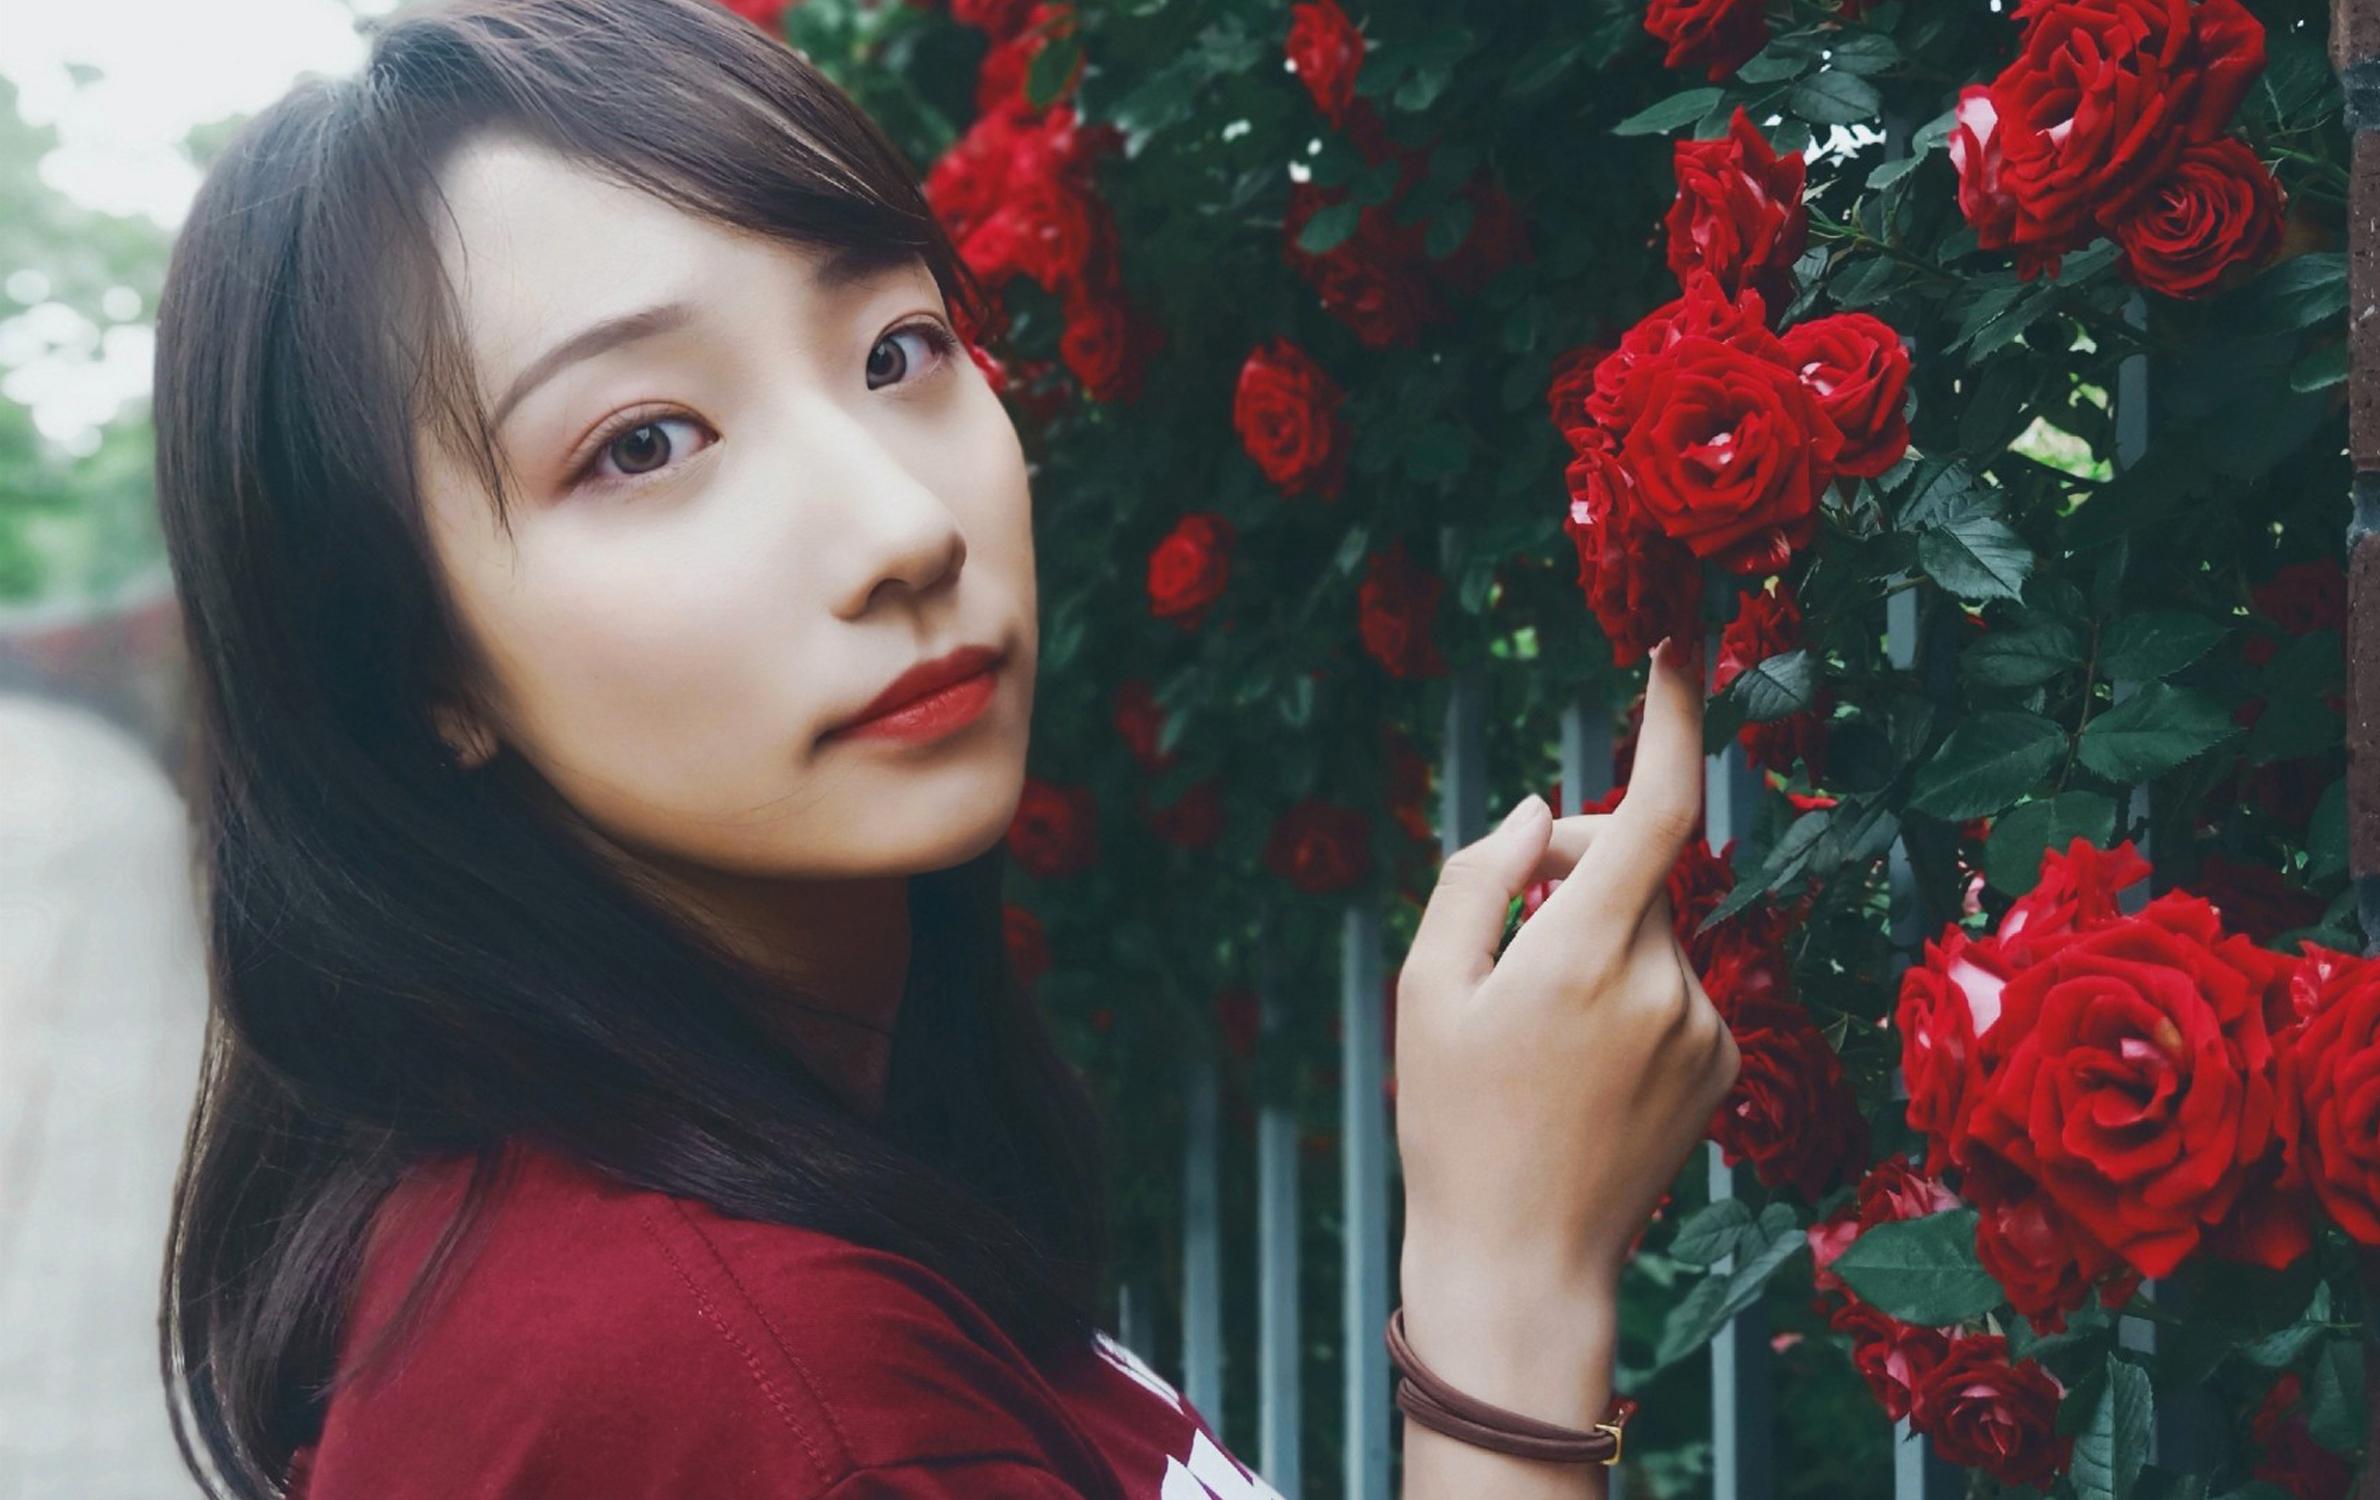 【花粉女生】蔷薇与少女,花粉女生-花粉俱乐部